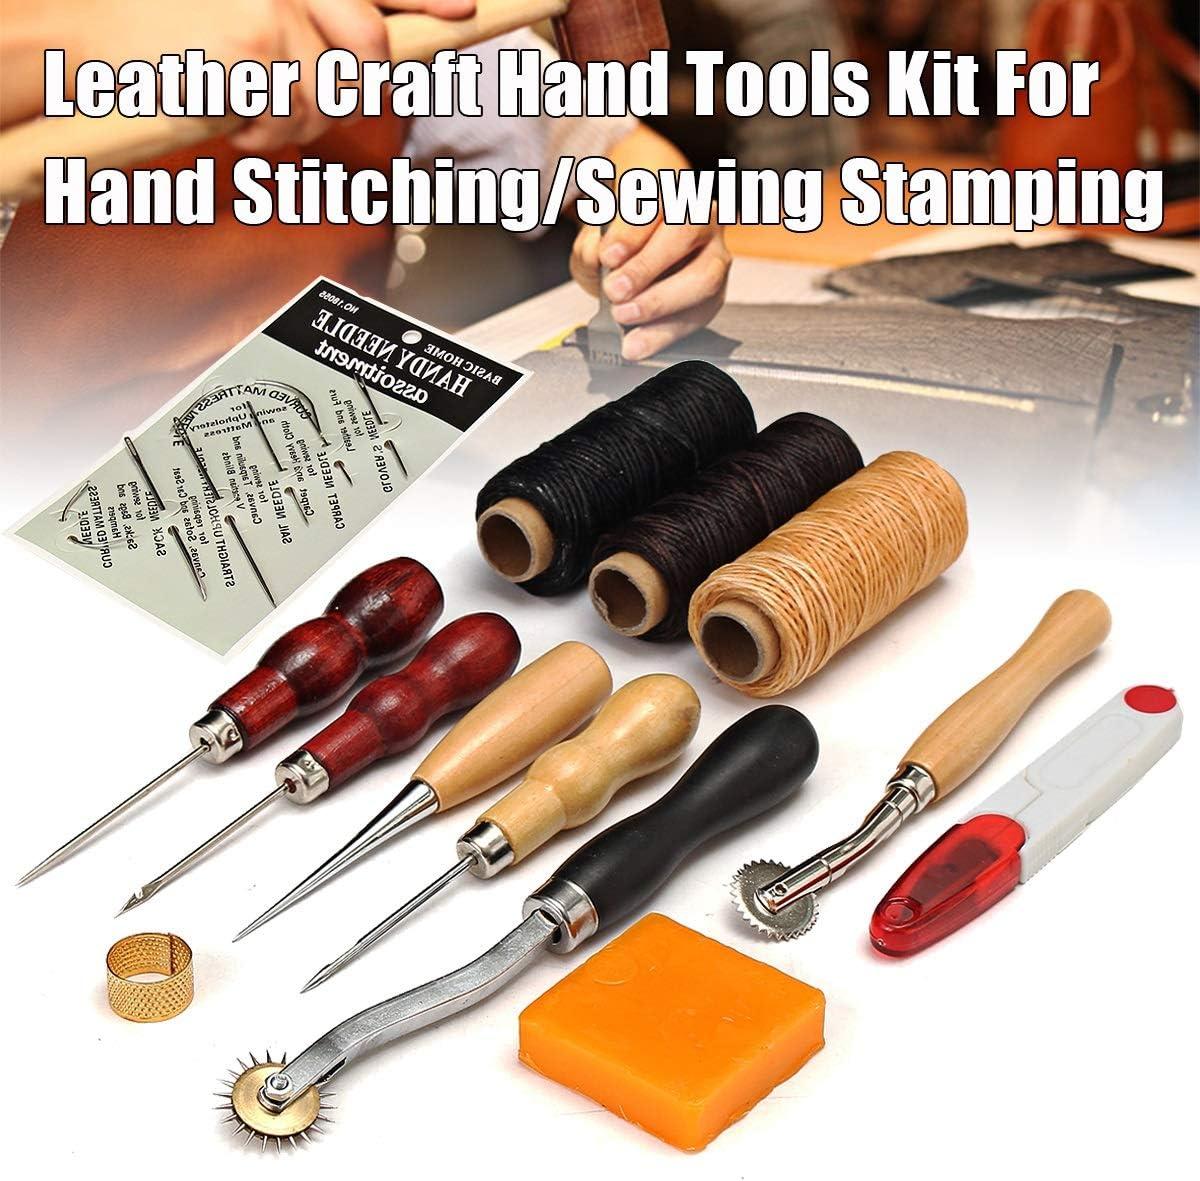 Jinxuny Juego de herramientas de costura para manualidades de cuero, cuero profesional Costura a mano Costura Talla Bricolaje Kit de estampado Punch Work Saddle ...